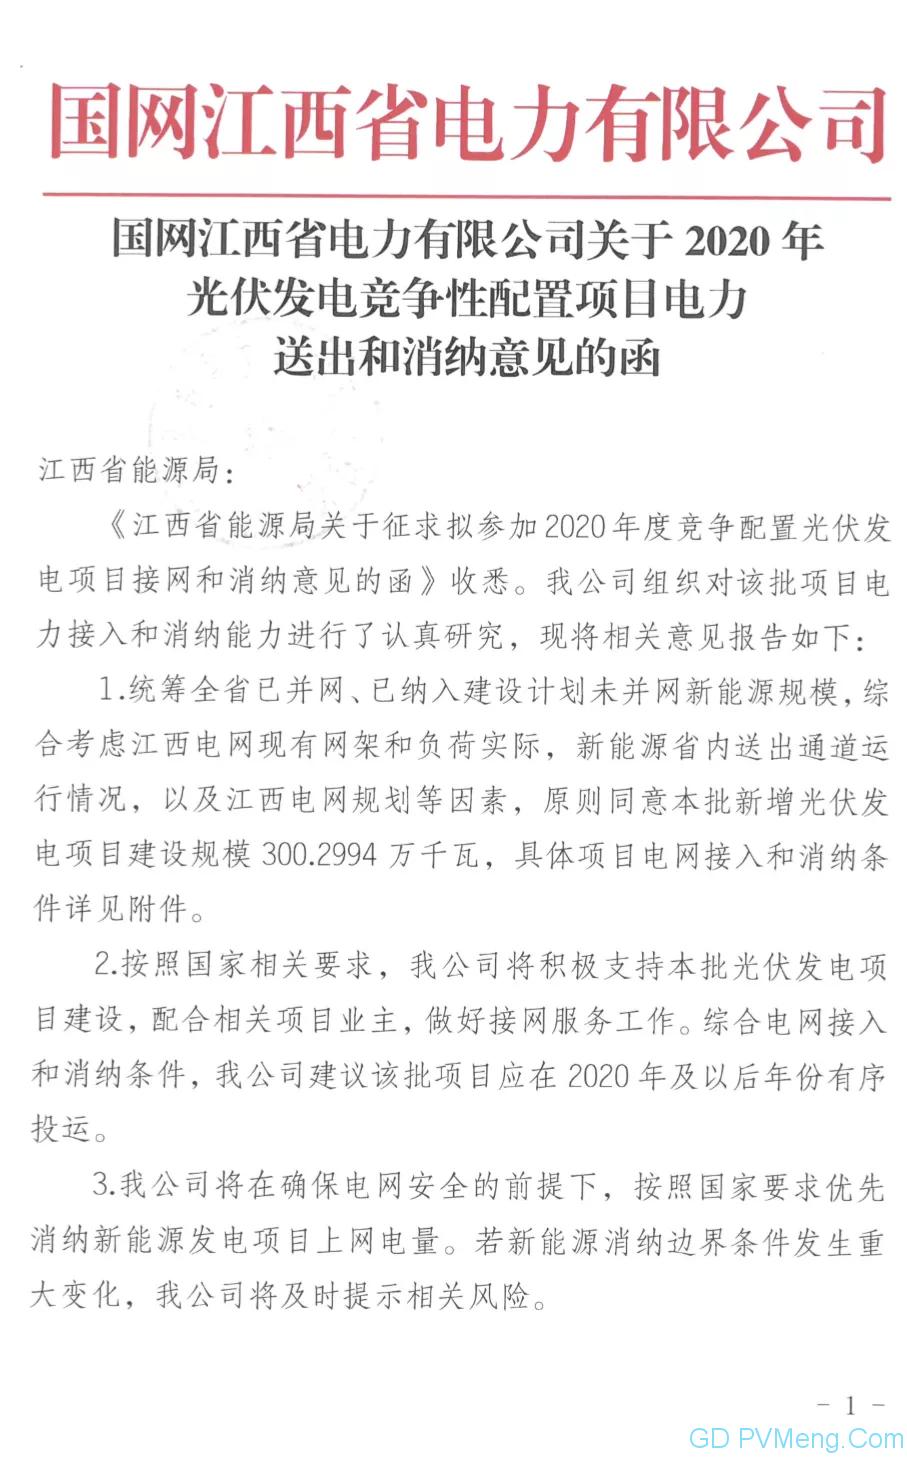 国网江西关于2020年光伏发电竞争性配置项目电力送出和消纳意见的函20200611